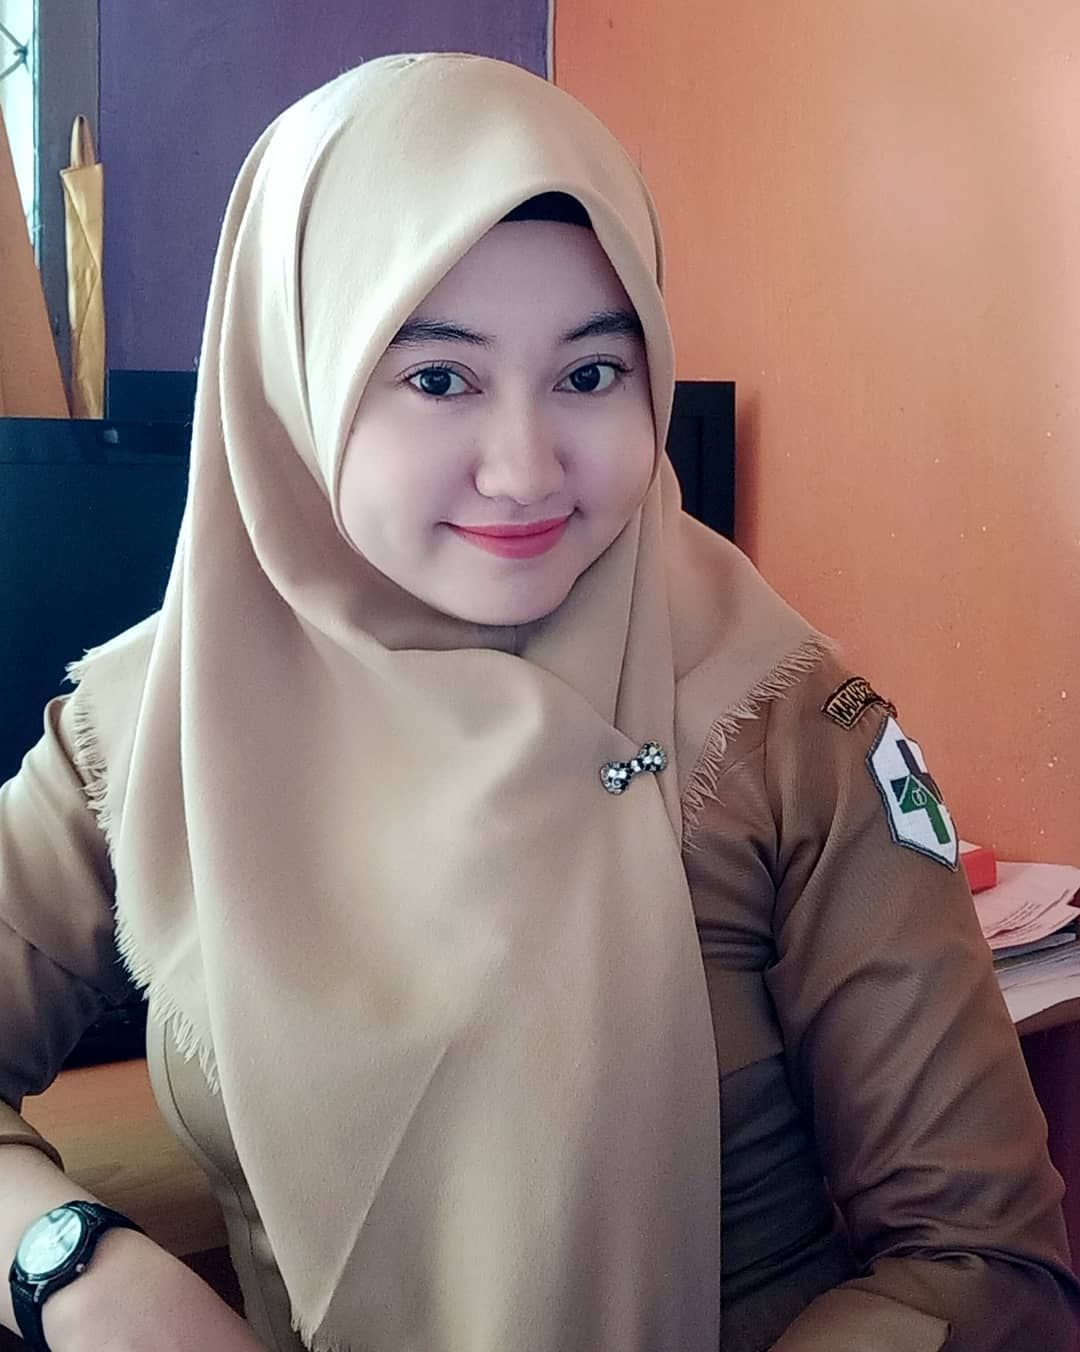 cewek hijaber #cewekhijaber   hijab gang #hijabgang